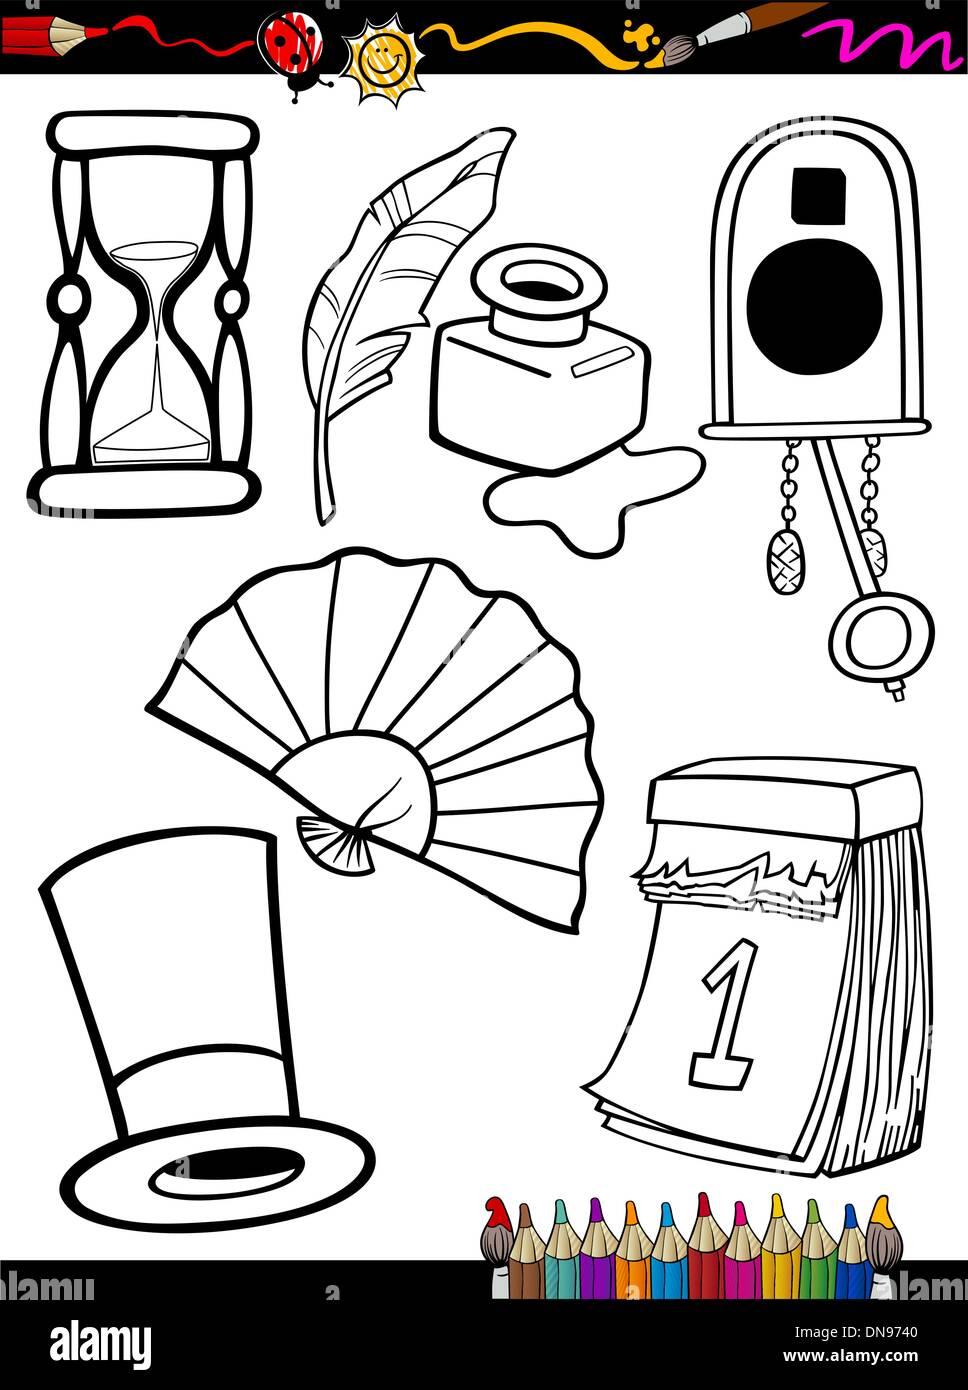 Fan Clip Art Cartoon Illustration Stockfotos & Fan Clip Art Cartoon ...